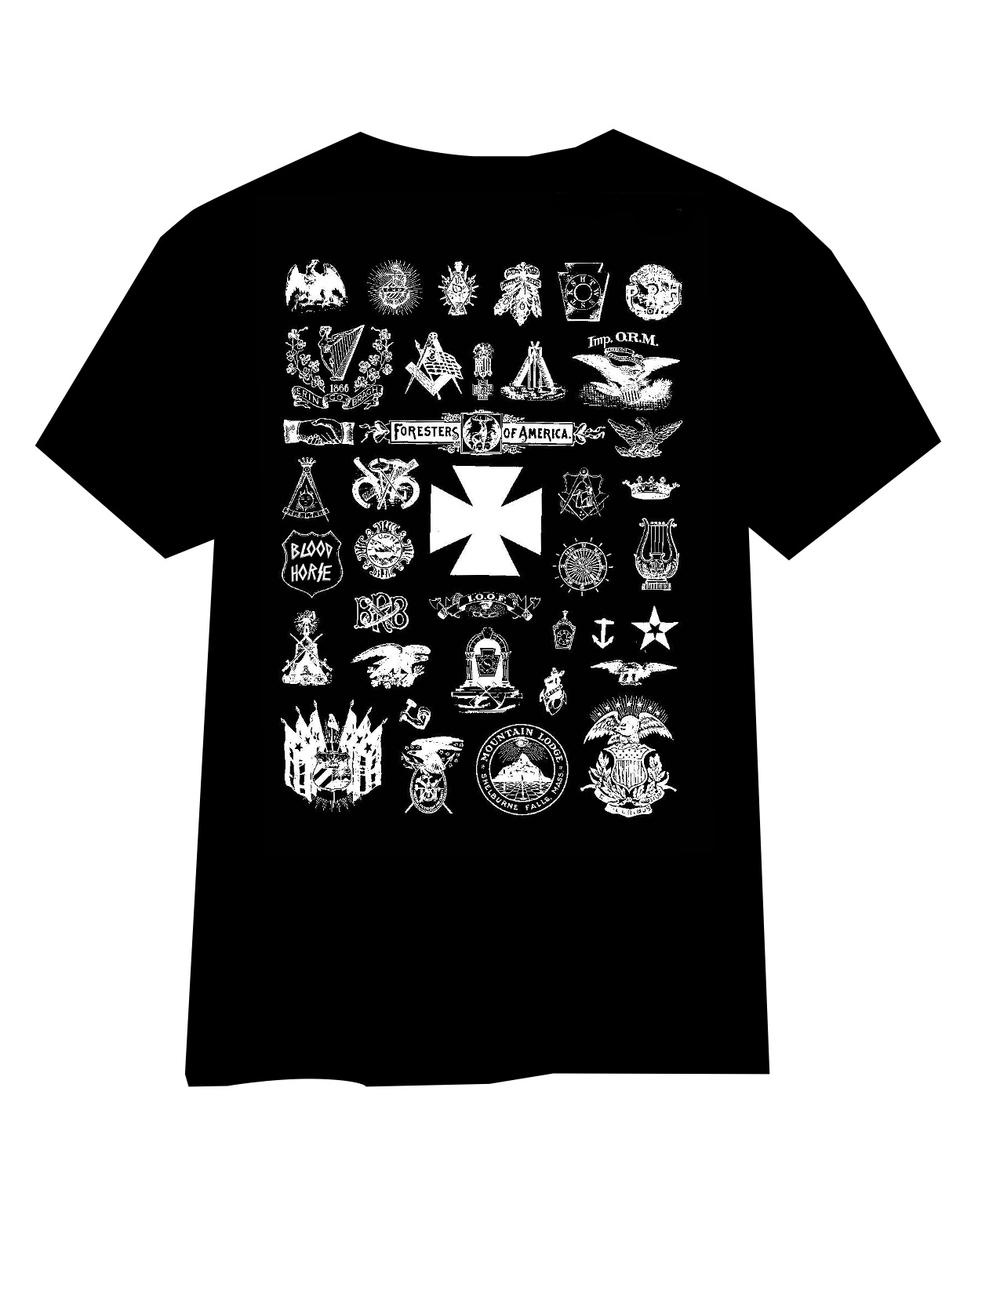 Tshirt_Template copy.jpg